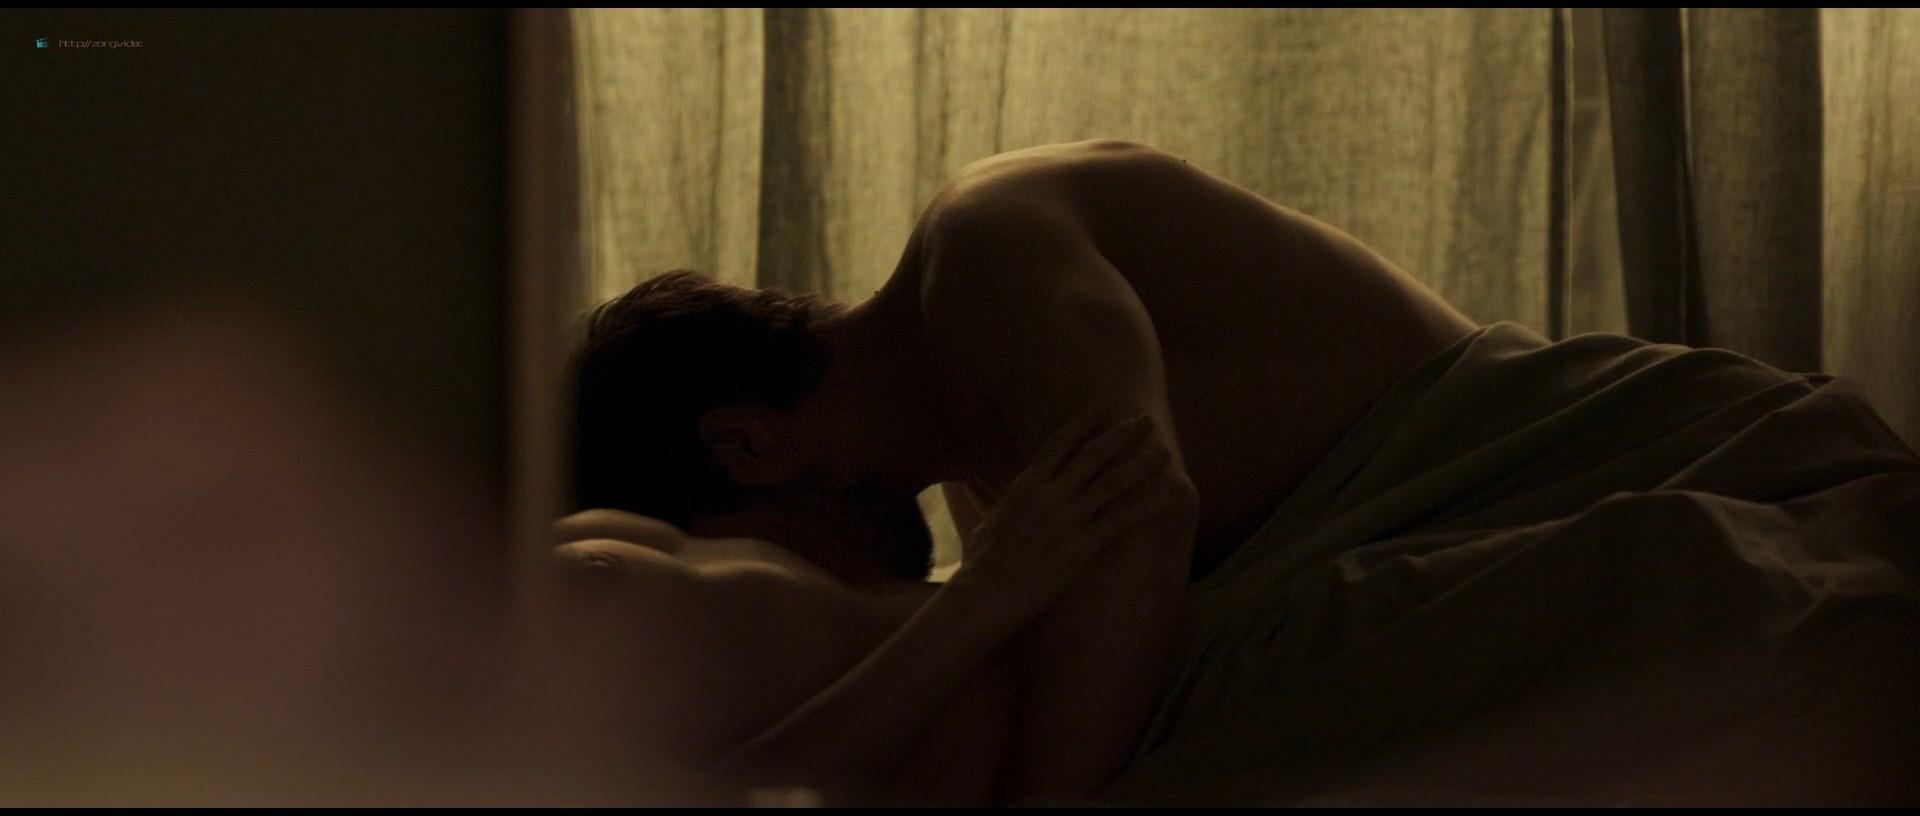 Juliette Binoche nude hot sex - Celle que vous croyez (FR-2019) 1080p BluRay (5)